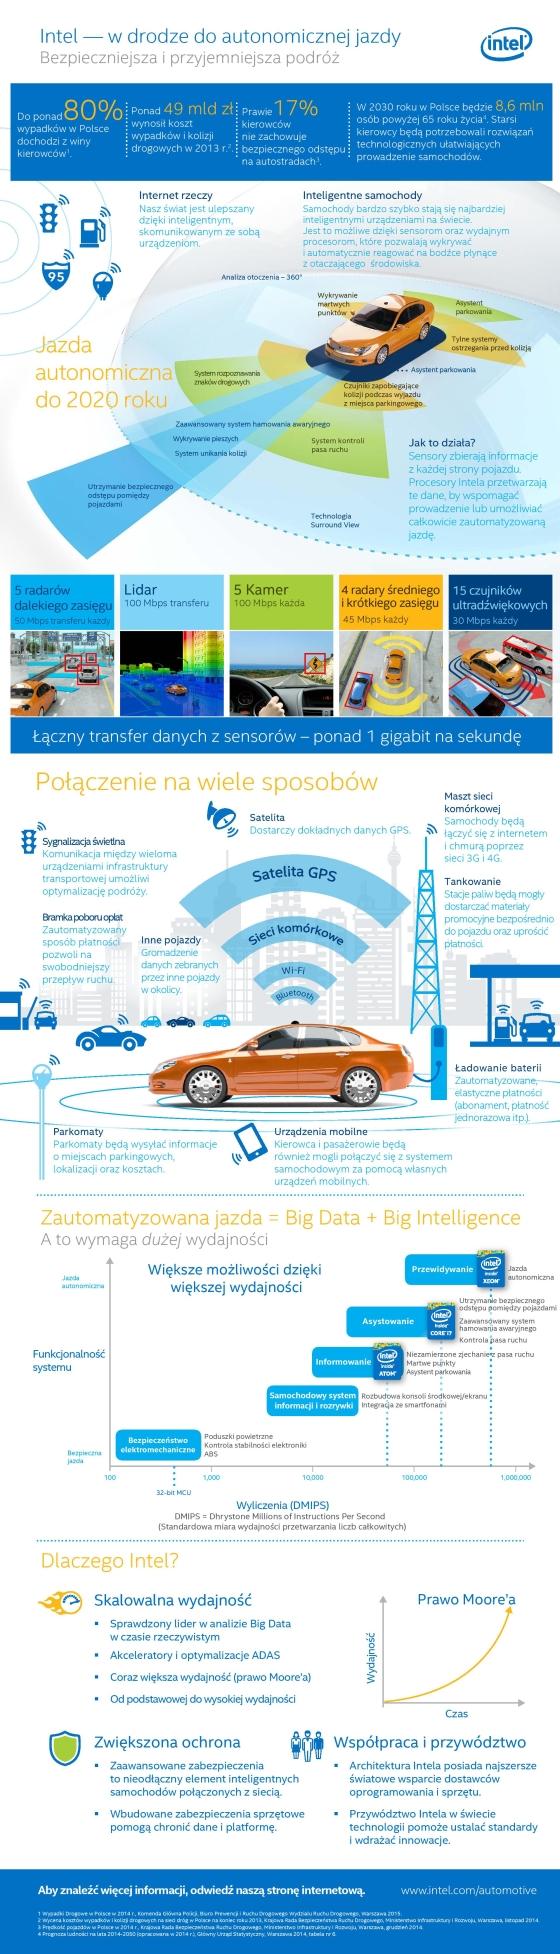 Intel pracuje nad rozwiązaniami dla autonomicznych, inteligentnych samochodów